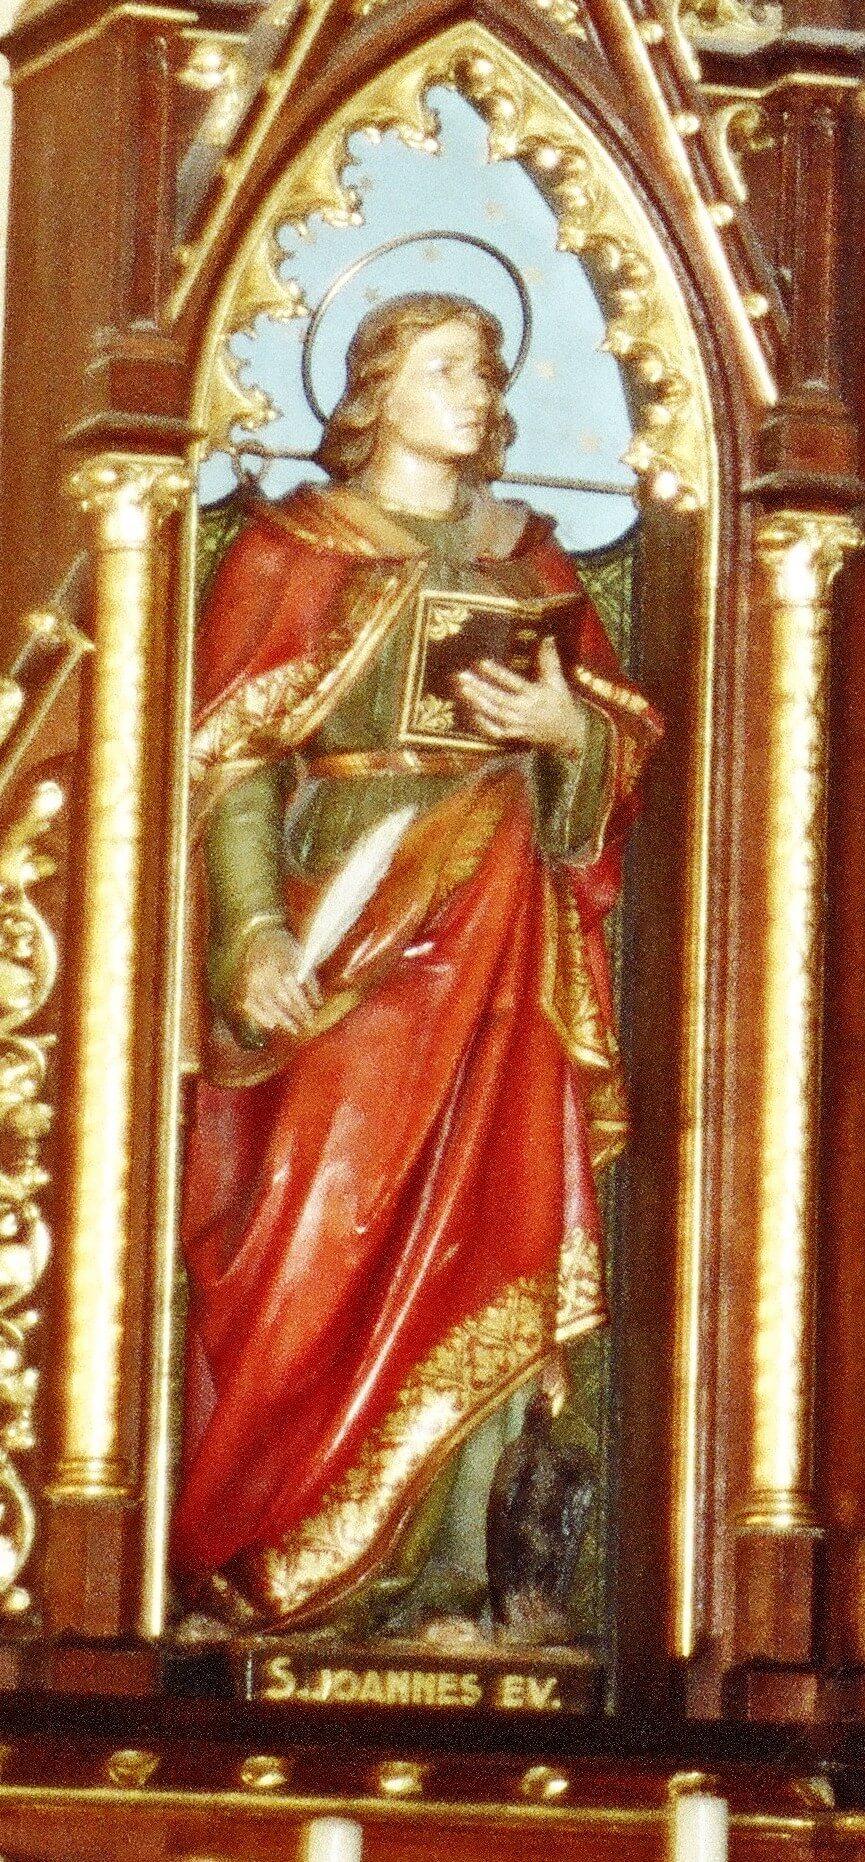 John Evangelist - Ferdinand Stuflesser 1875